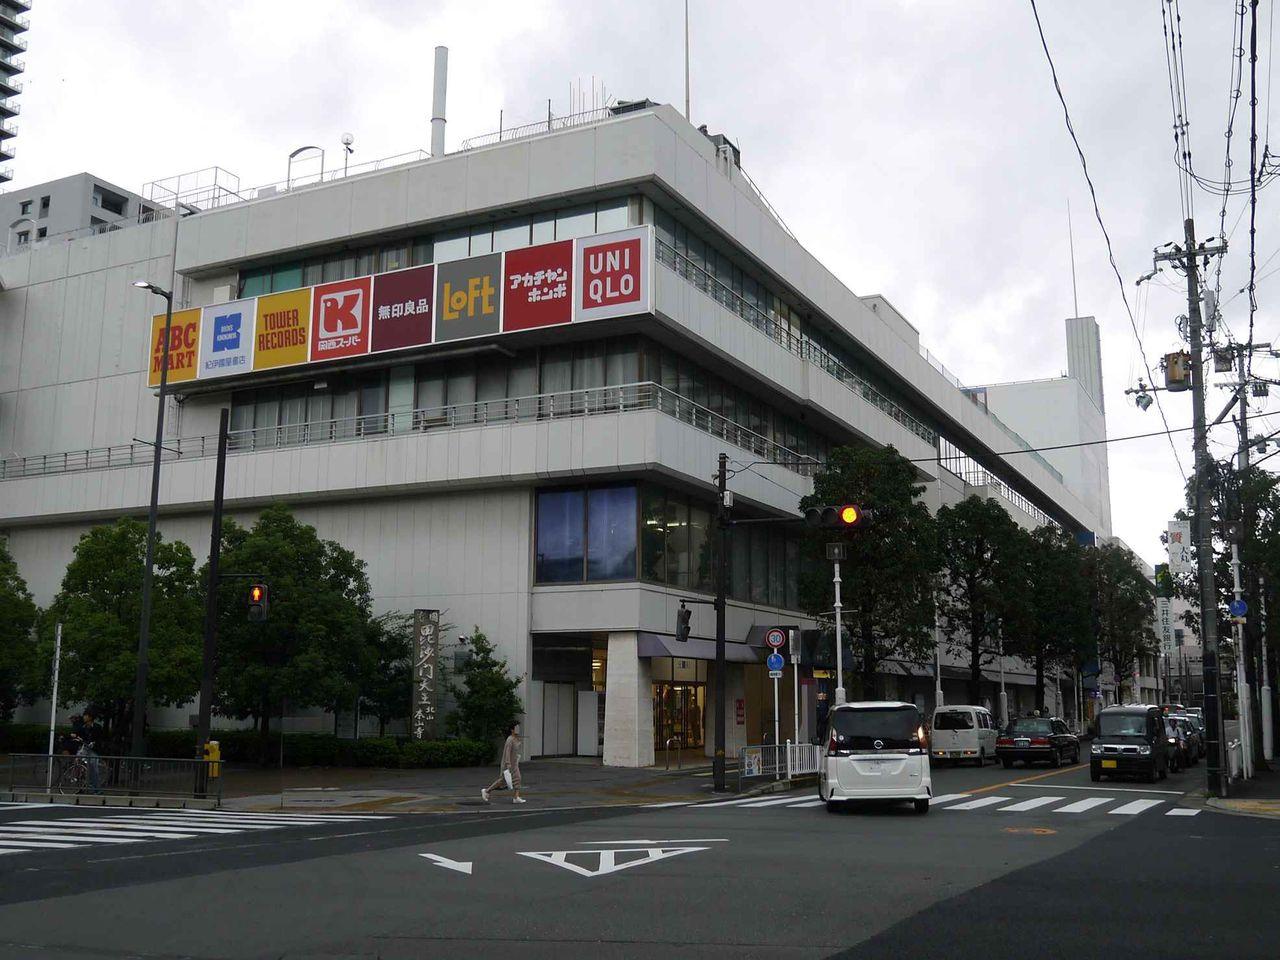 阪急 高槻 営業 時間